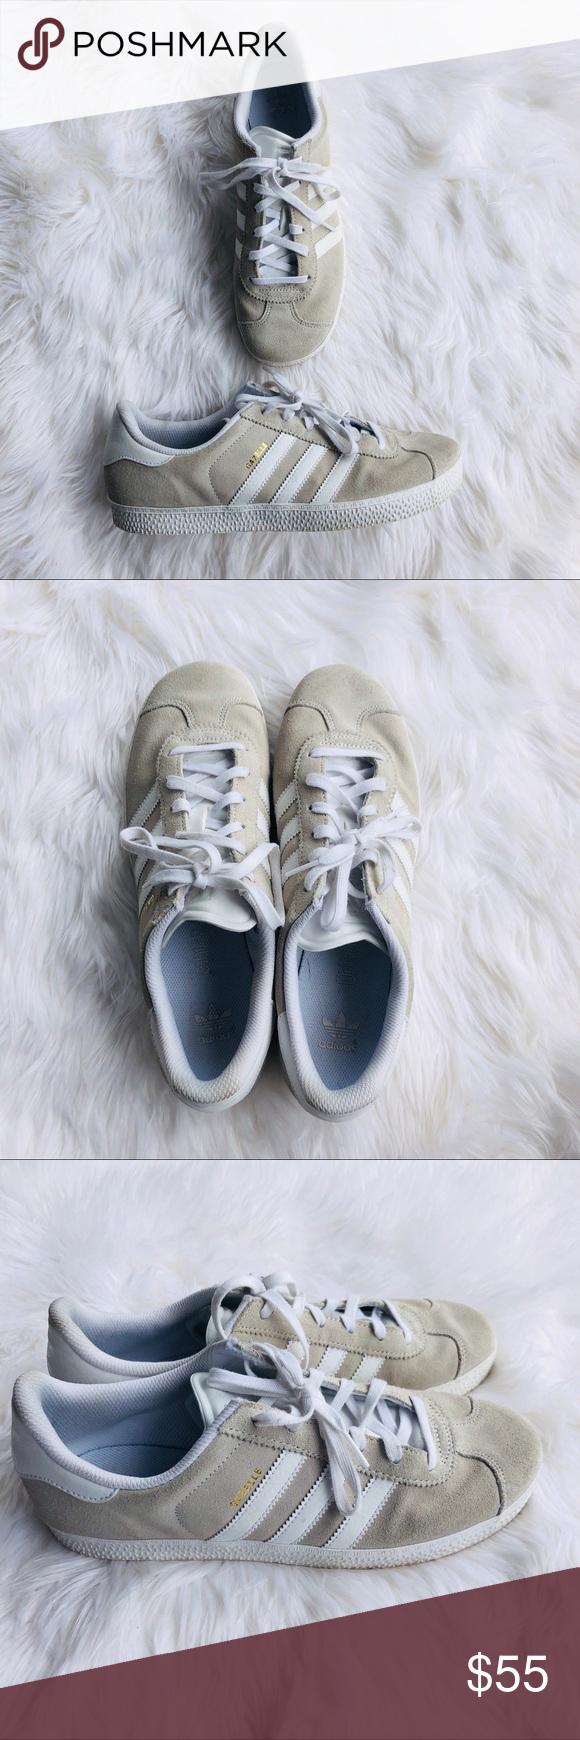 coup de pouce pour les Bleu adidas nmd justice au nettoyage des chaussures de course